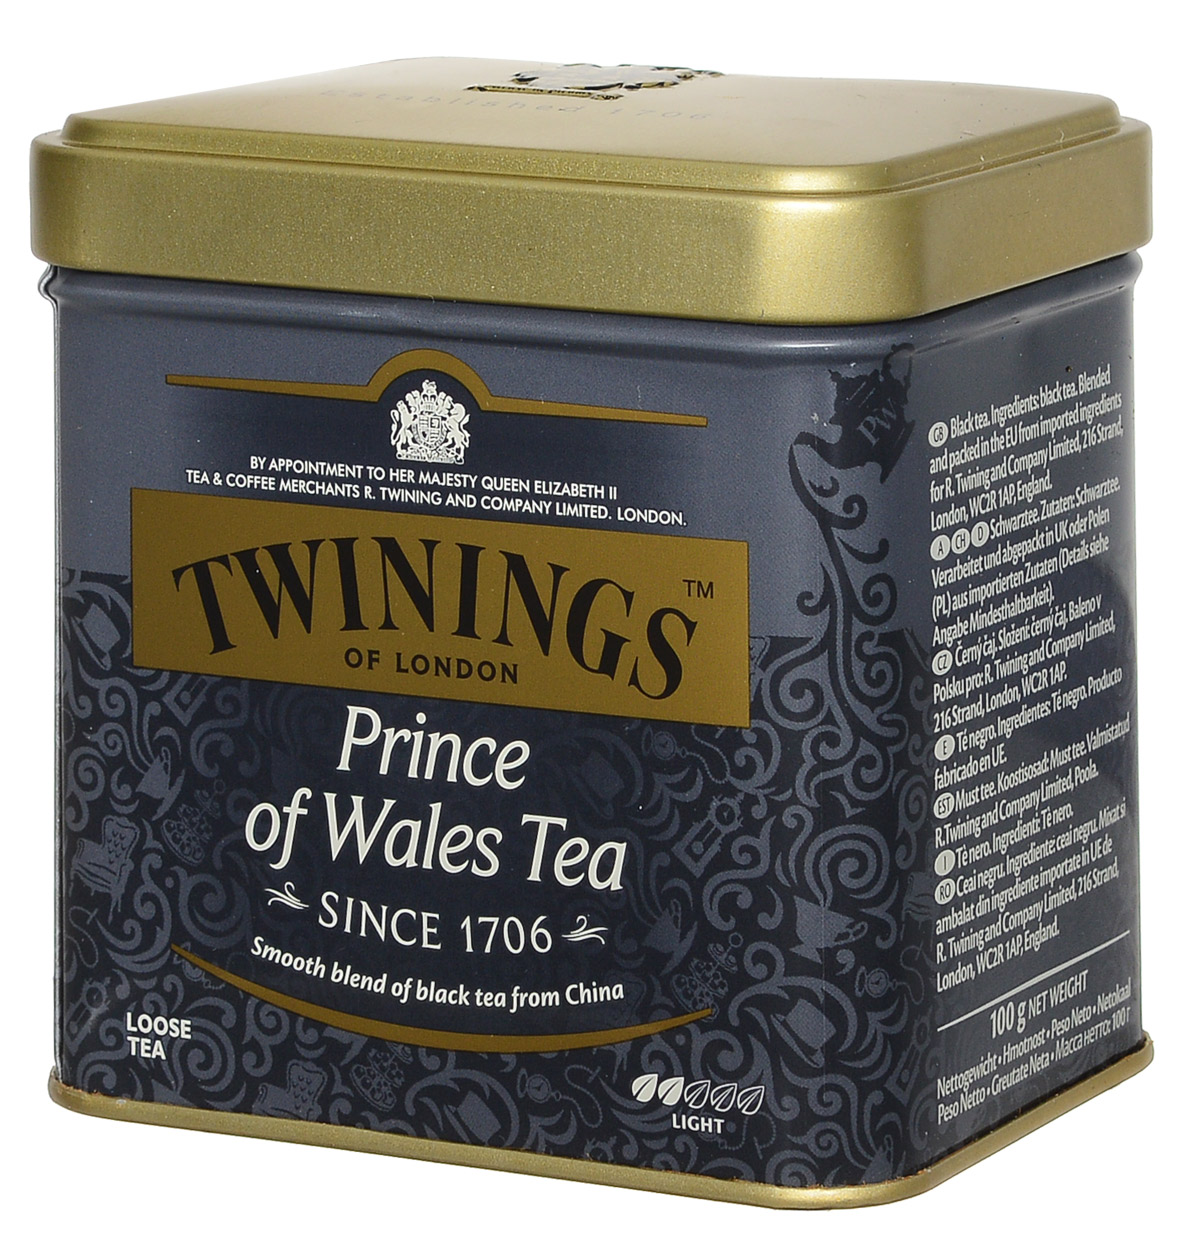 Twinings Prince Of Wales Tea черный листовой чай, 100 г (ж/б)70842-00Чай Twinings Prince Of Wales Tea был специально создан для Его Королевского Высочества Принца Уэльского в 1921 году. Это специальная смесь чая, тщательно отобранного из провинции Цзянси, Аньхой и Юньнань в Китае, где на большой высоте горные туманы защищают чайный куст от чрезмерного солнечного света, образуя идеальные условия для чайного листа и развития почек. Чай из этих провинций создает ароматную смесь, красно-коричневого цвета и имеет легкий, мягкий вкус и слегка древесный оттенок. Идеально подходит для прохладного осеннего дня или холодного зимнего вечера. Этот мягкий чай наполнит вас чувством обновления.